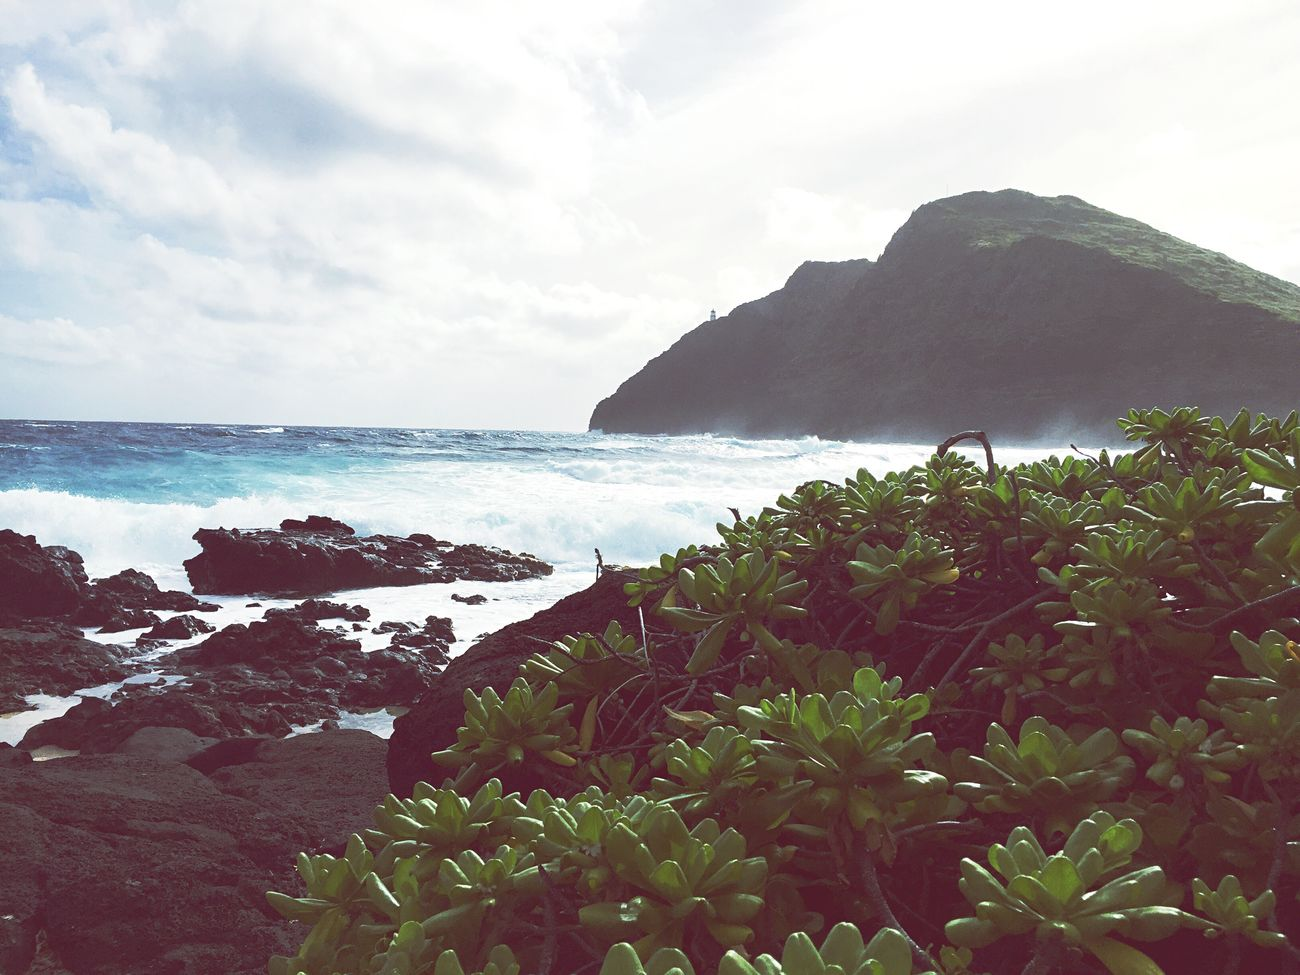 Makapu'u Oahu, Hawaii